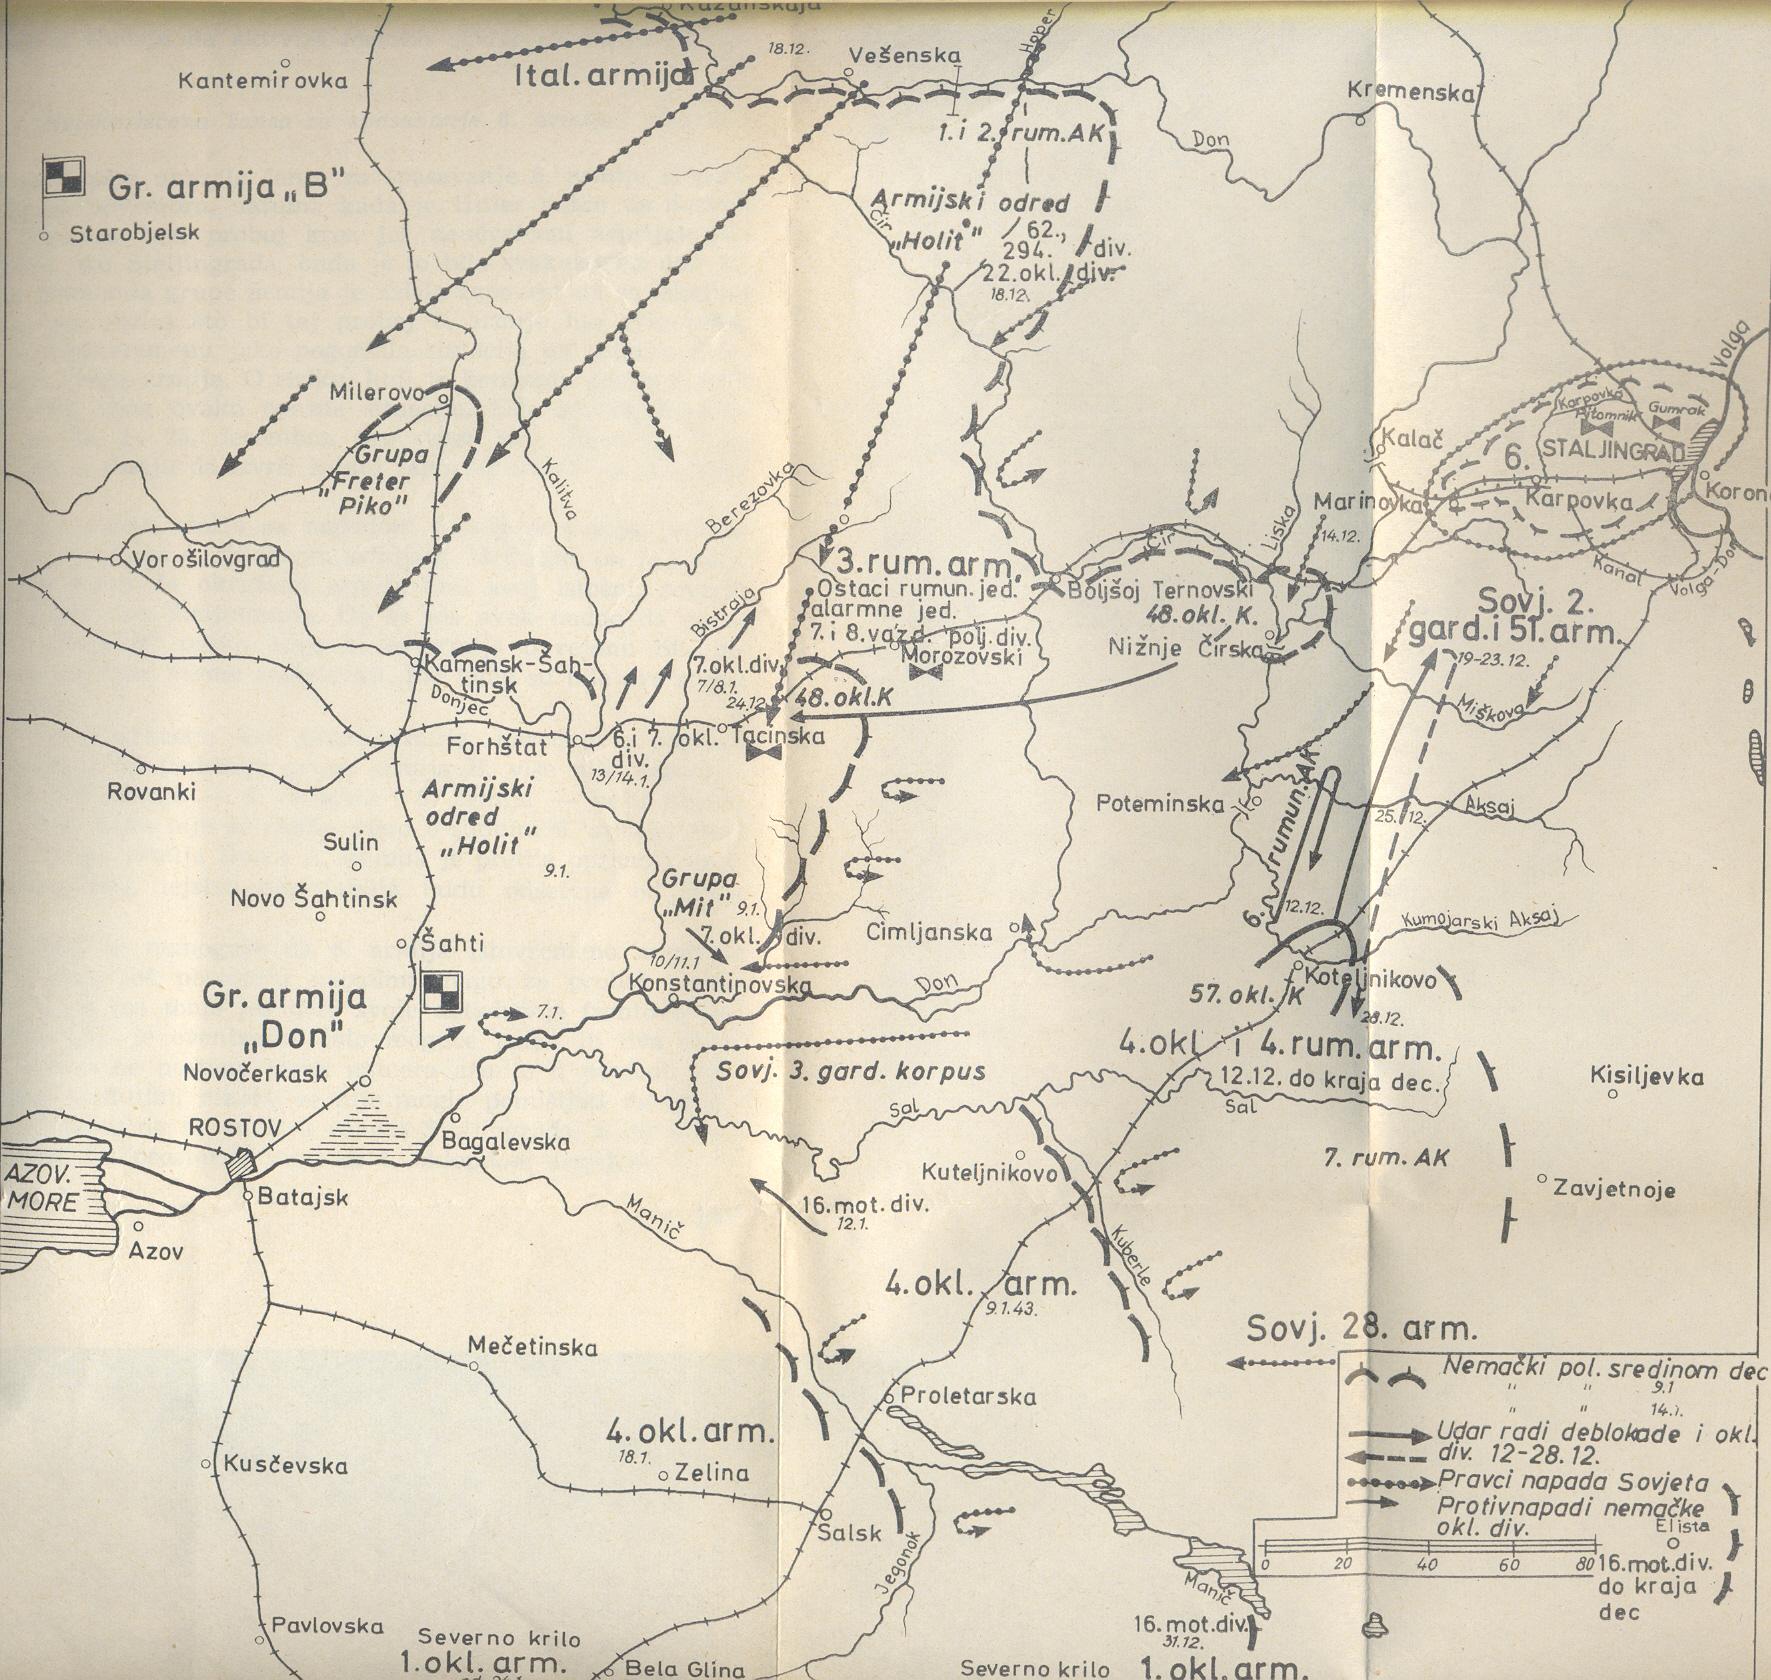 Situacije tijekom prosinca 42 i siječnja 43